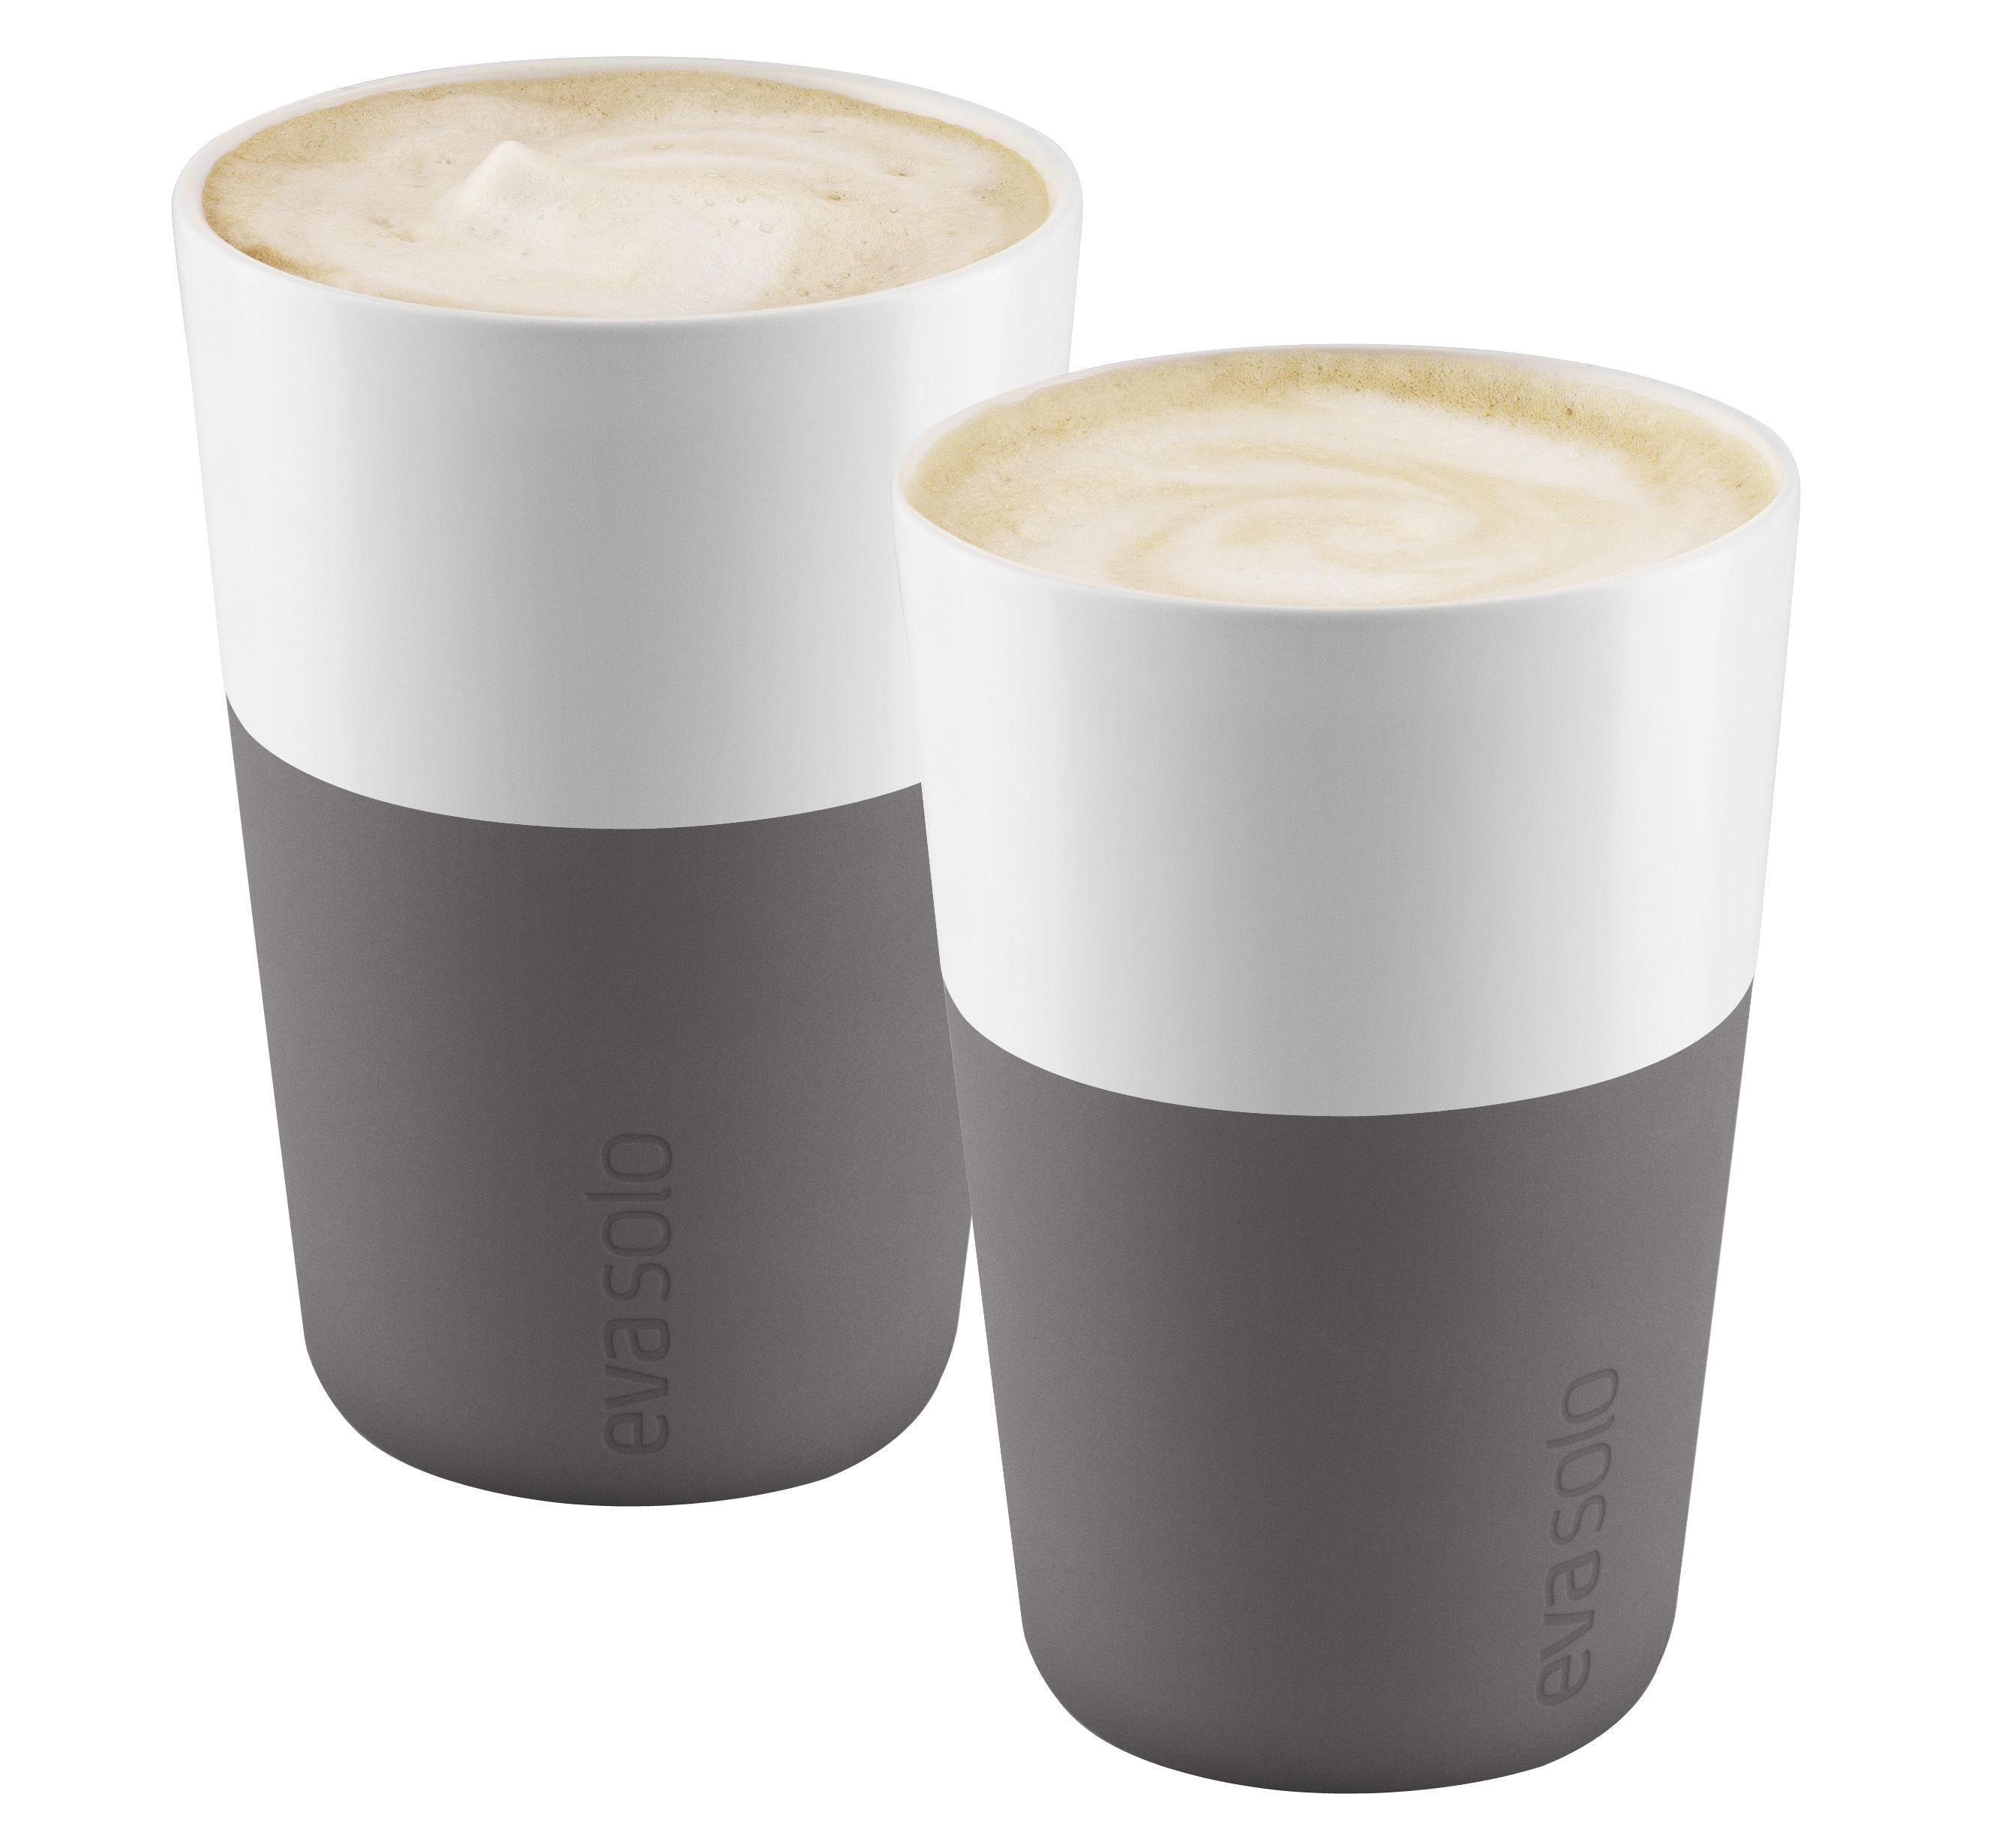 Tavola - Tazze e Boccali - Tazza Cafe Latte - /Set da 2 - 360 ml di Eva Solo - Bianco / Silicone grigio elefante - Porcellana, Silicone